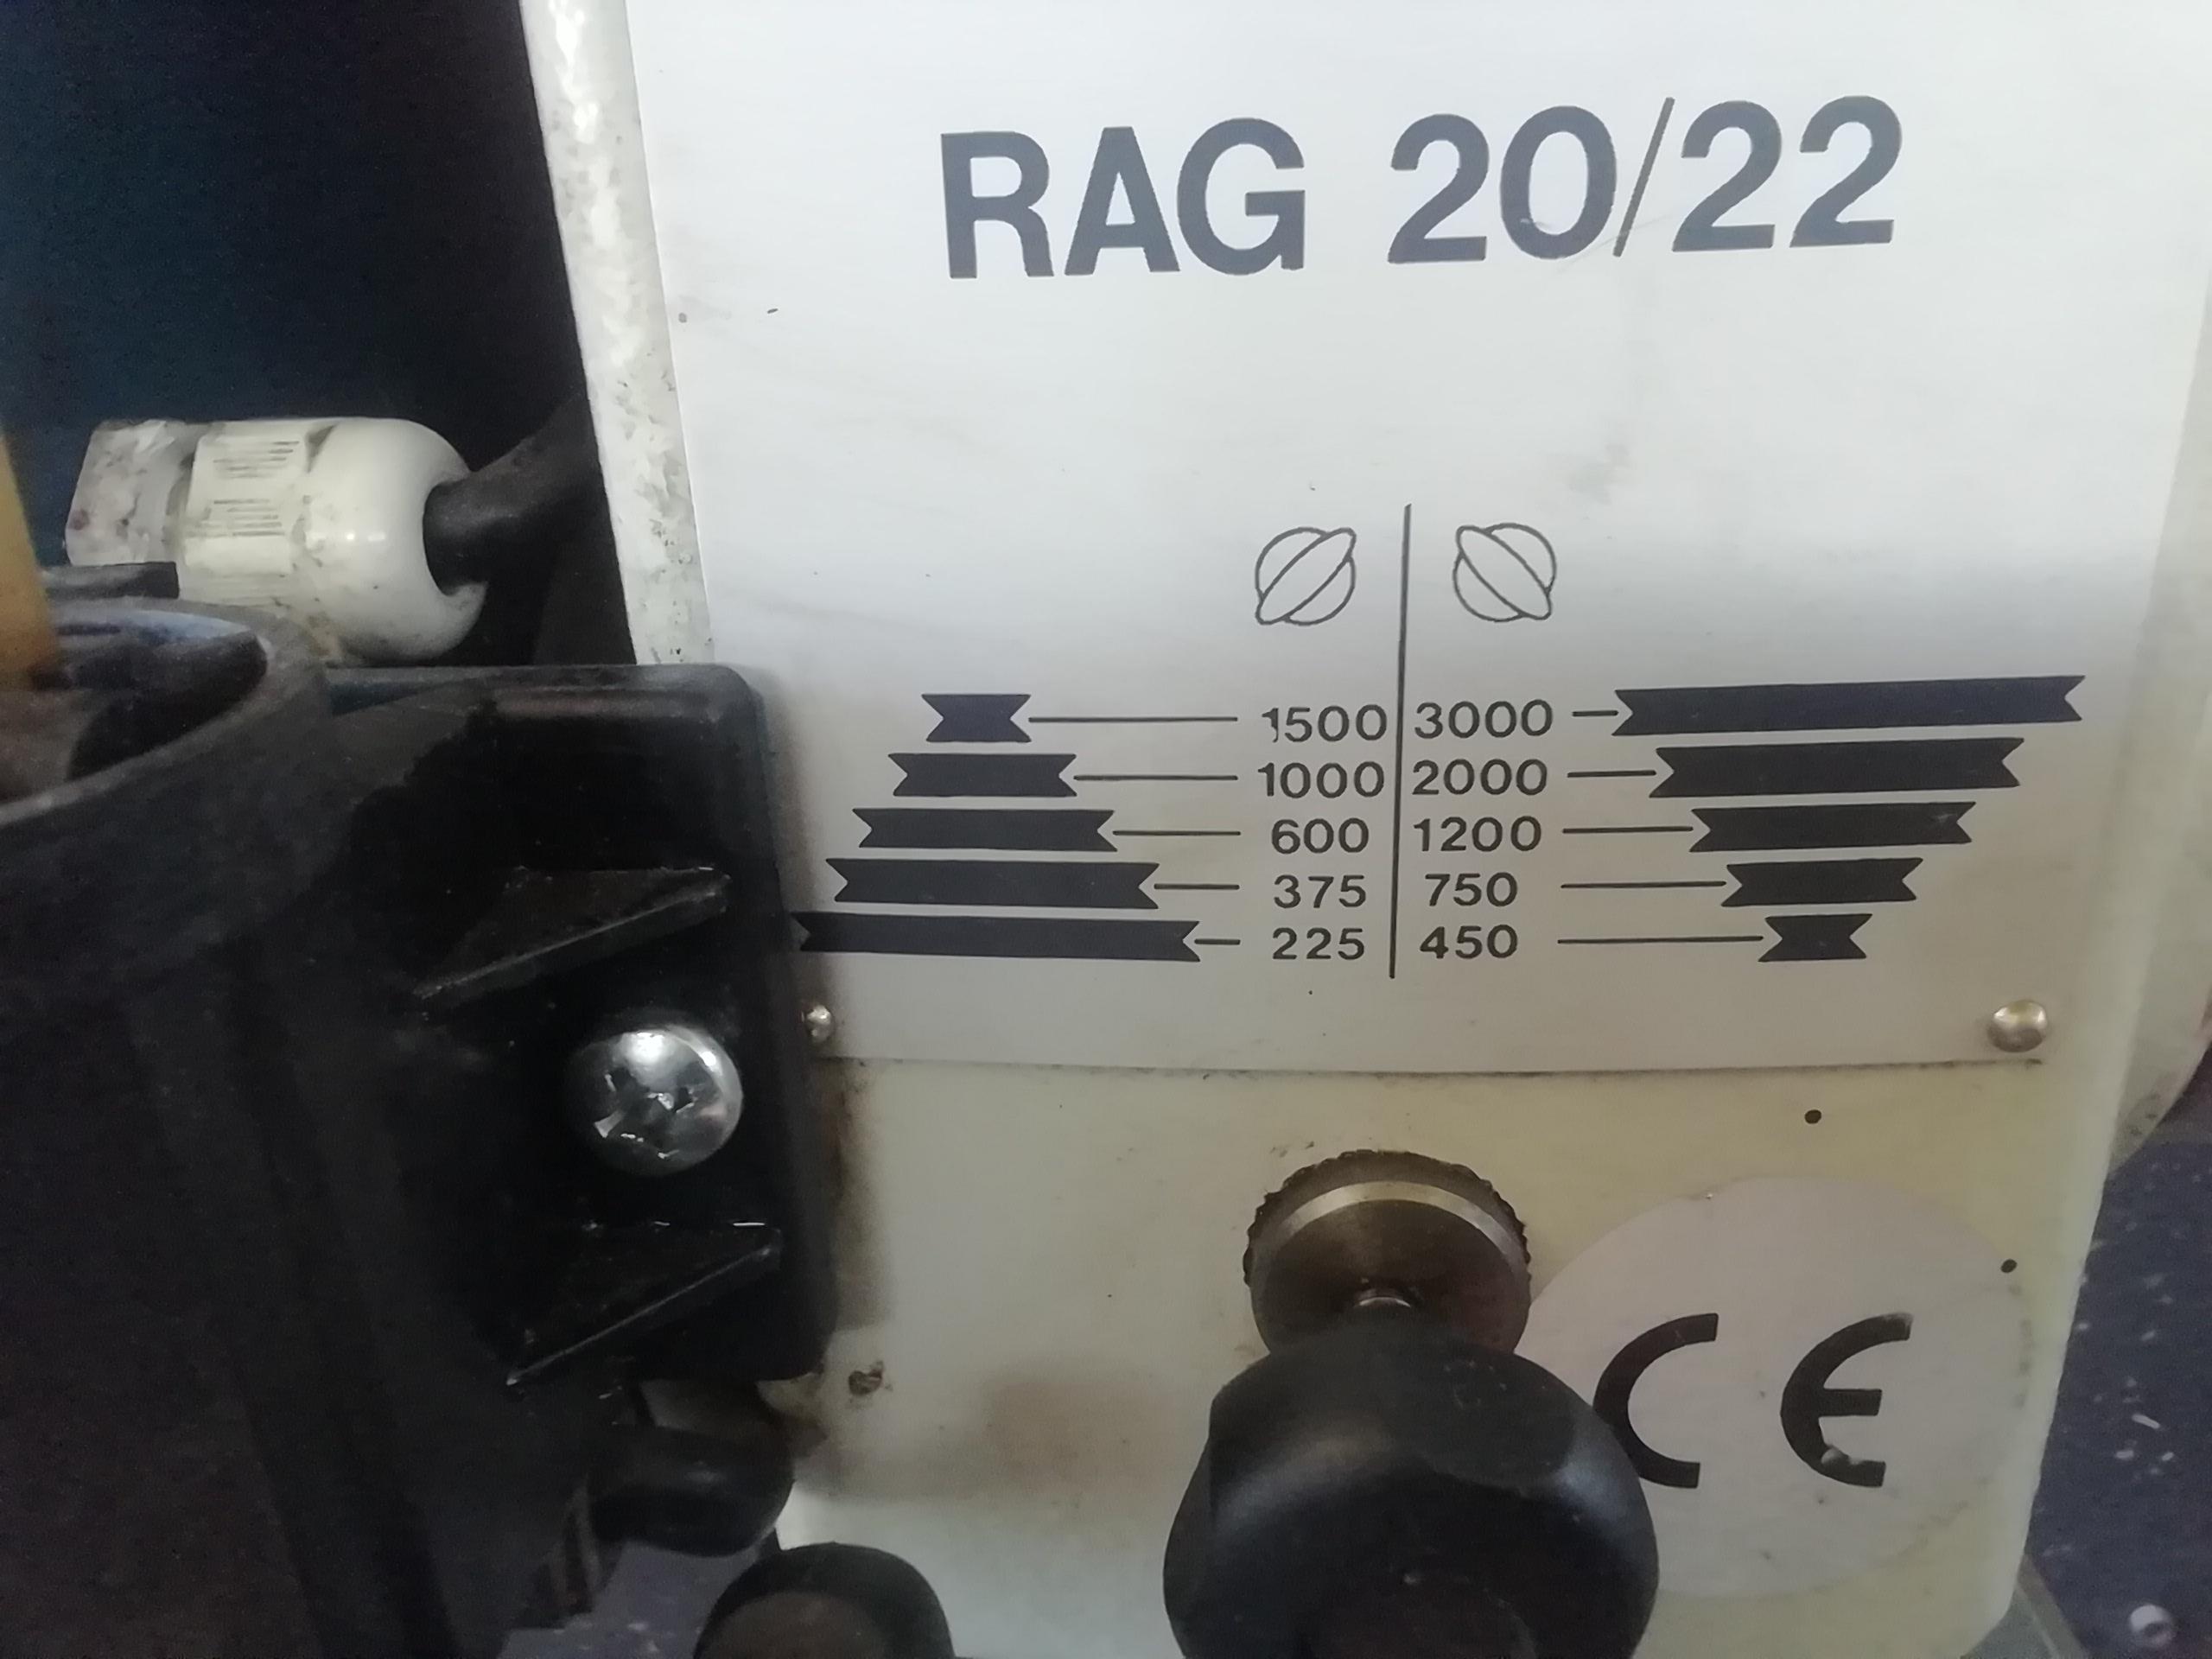 Trapano a colonna Sermac Rag 20/22 in vendita - foto 10